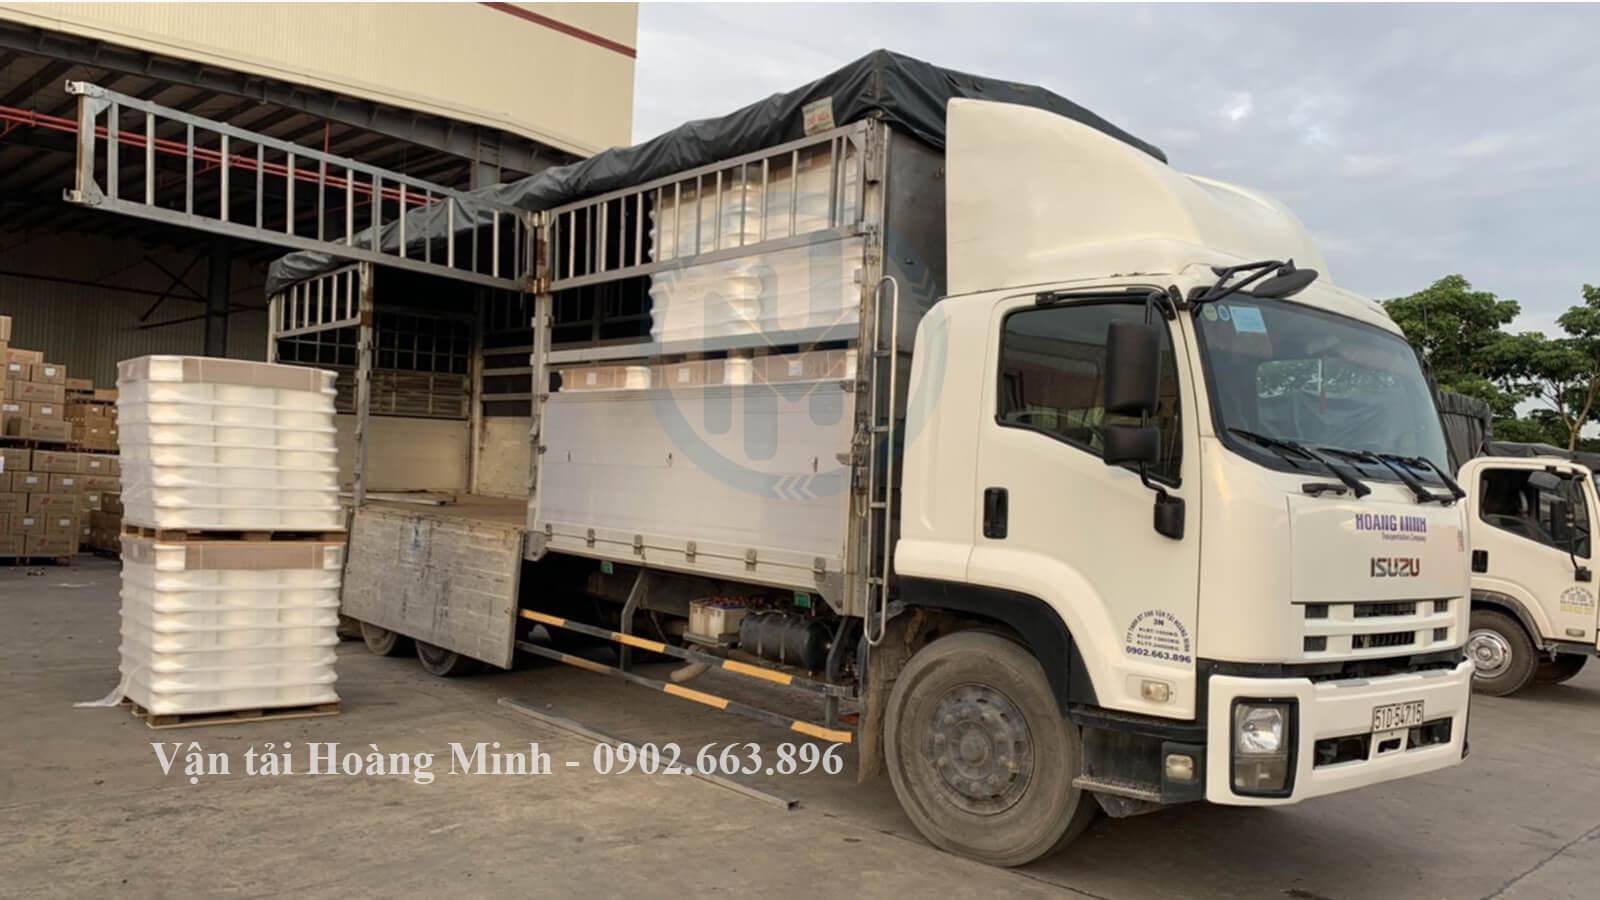 Kích thước thùng xe các loại xe tải chở hàng Quận Tân Phú của Vận tải Hoàng Minh